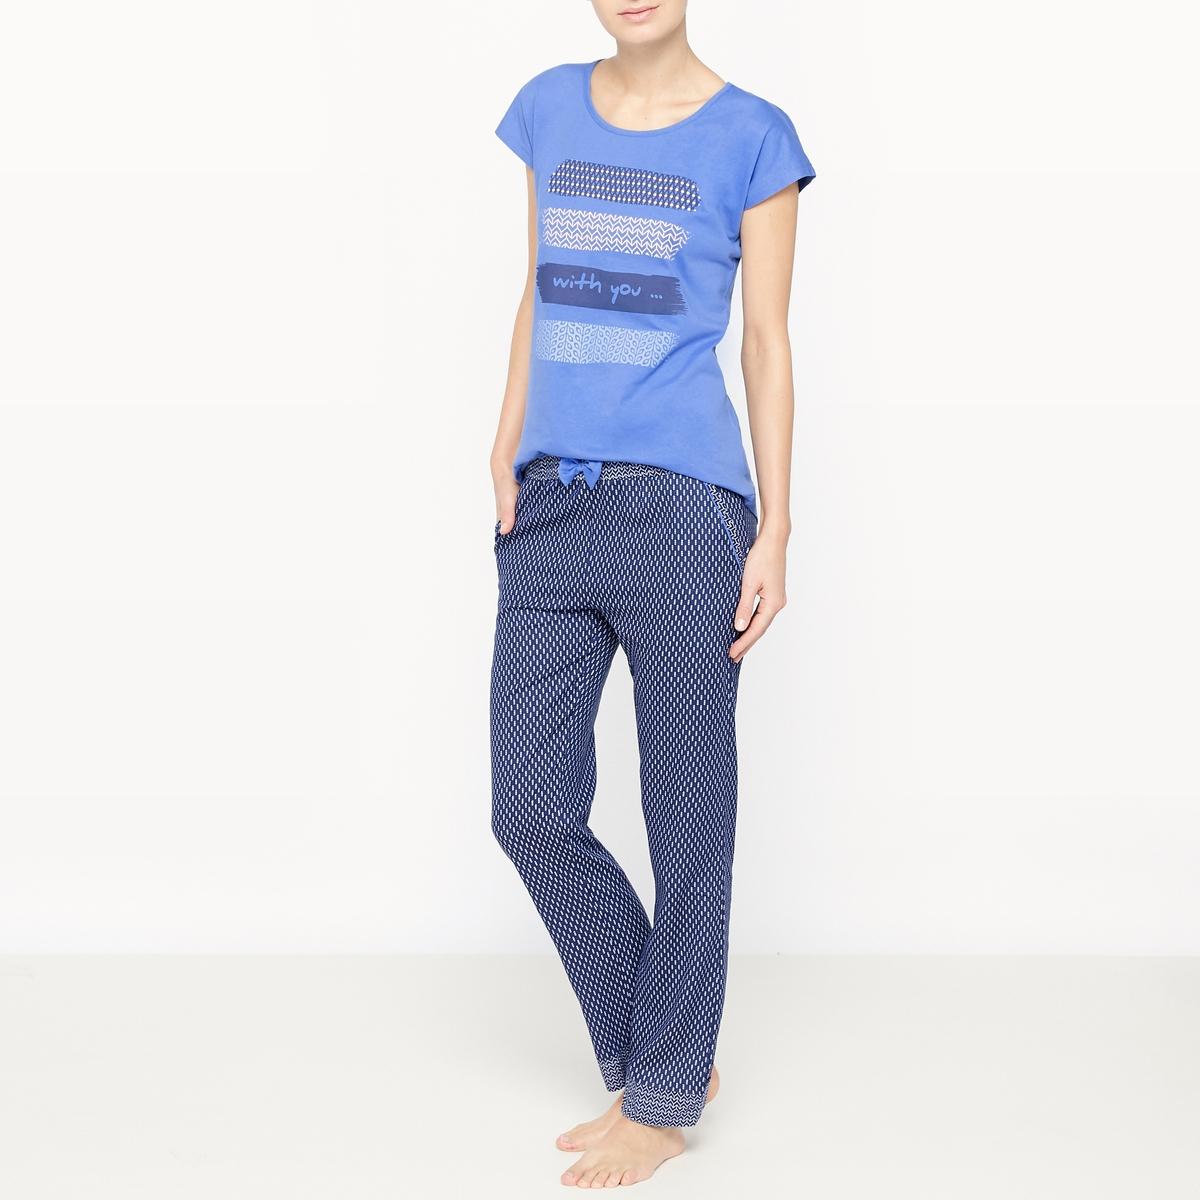 Пижама с длинными рукавами IndigoСостав и описание :Материал : 100% хлопокМарка : Dodo Уход :Машинная стирка при 30 °C с вещами схожих цветов<br><br>Цвет: синий<br>Размер: L